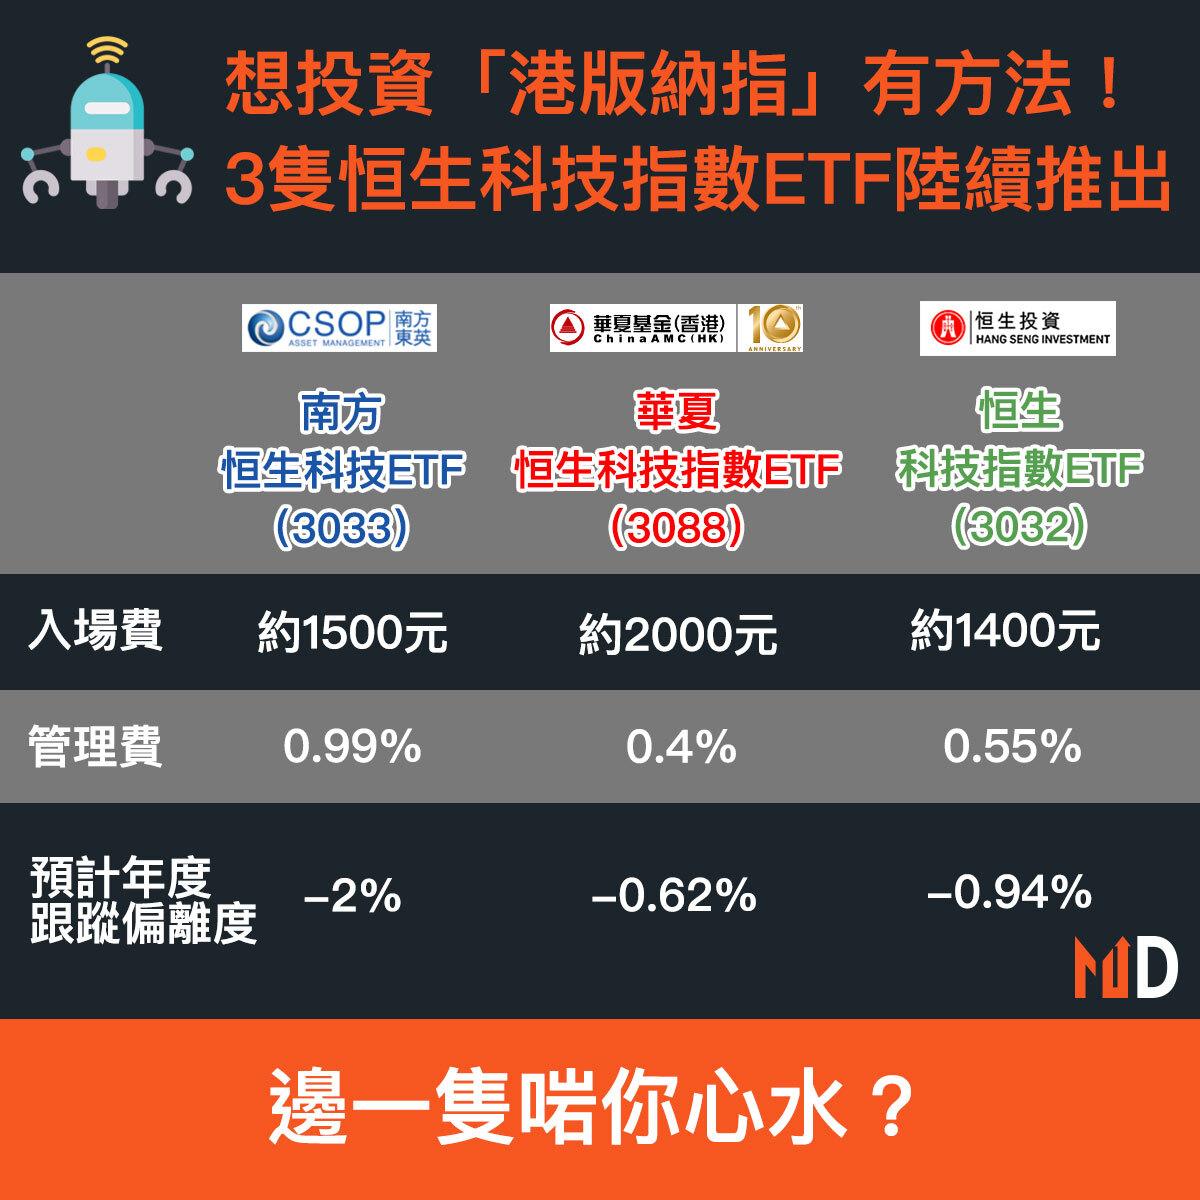 【市場熱話】想投資「港版納指」有方法!3隻恒生科技指數ETF陸續推出